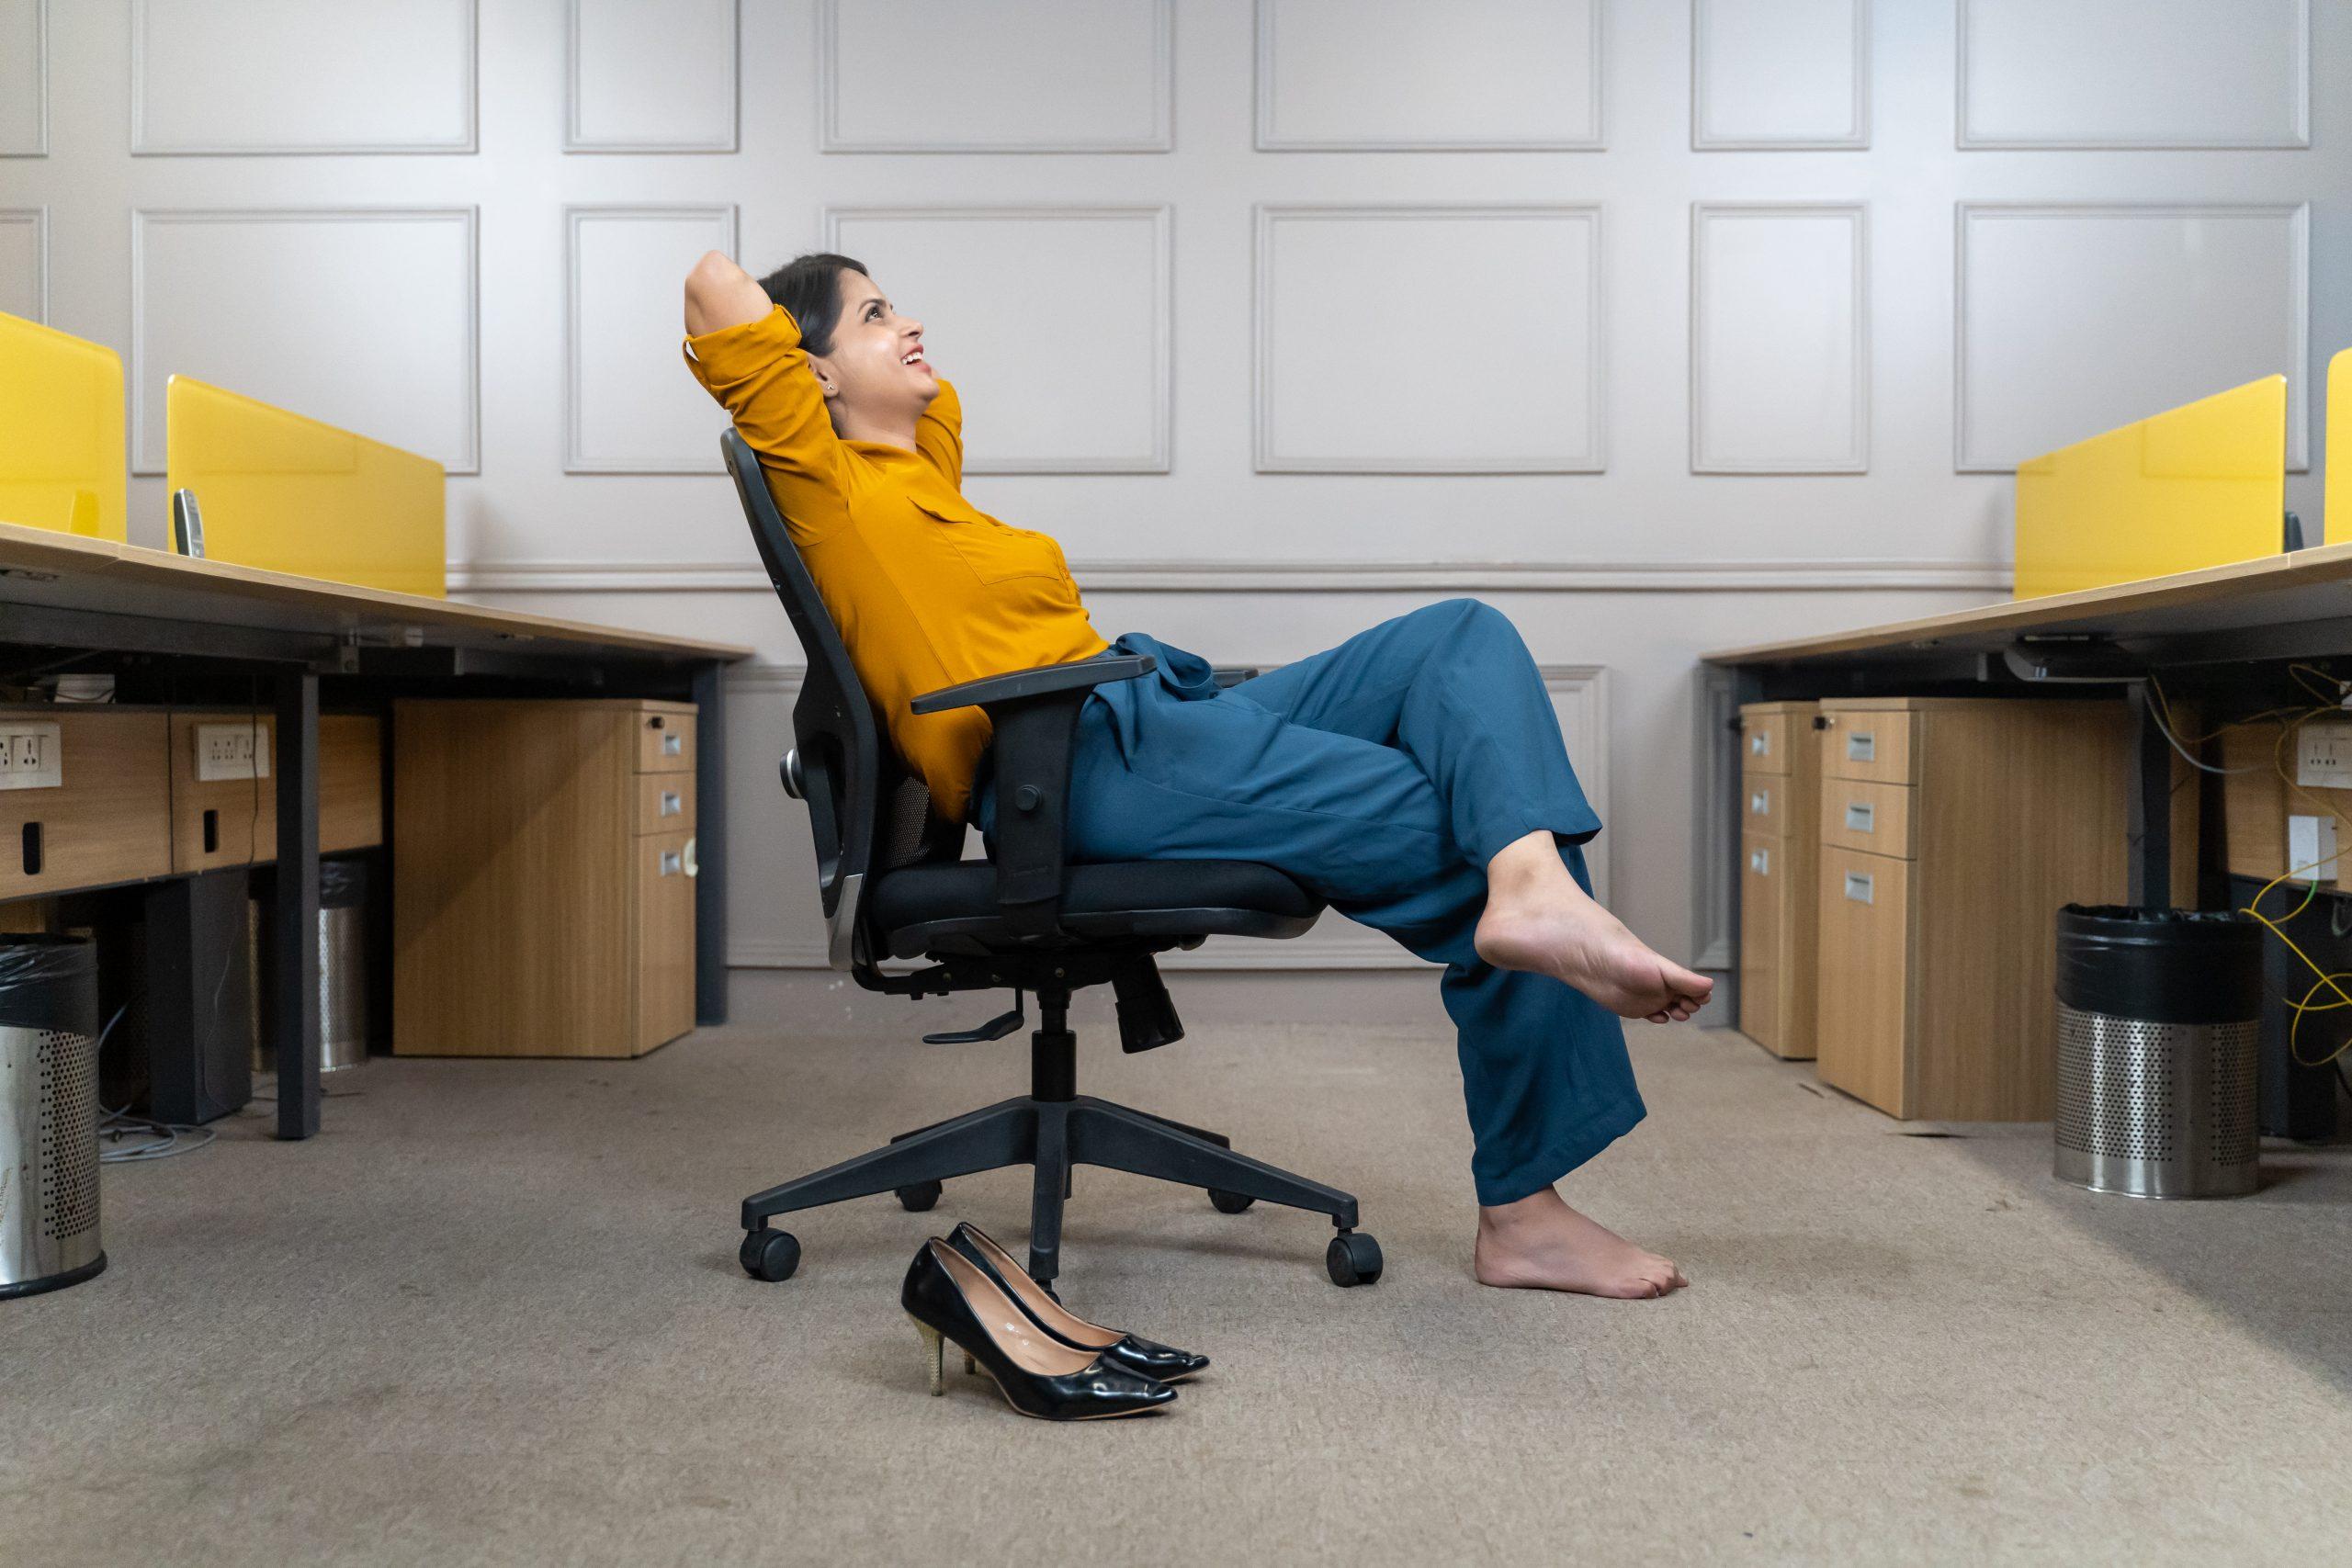 Employee relaxing in office